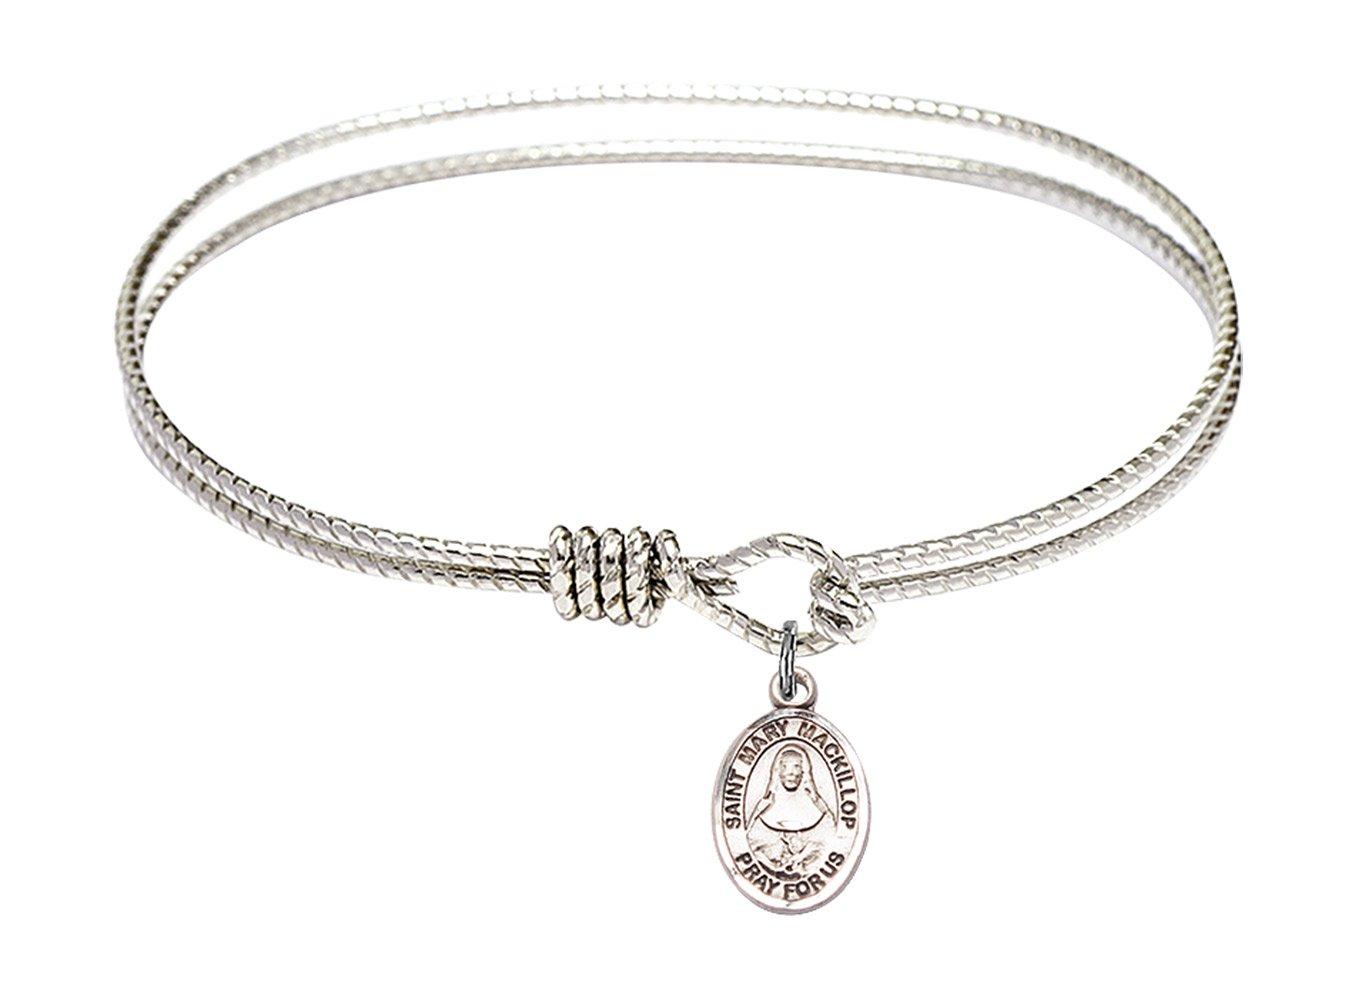 7 1/4 inch Oval Eye Hook Bangle Bracelet w/St. Mary Mackillop in Sterling Silver